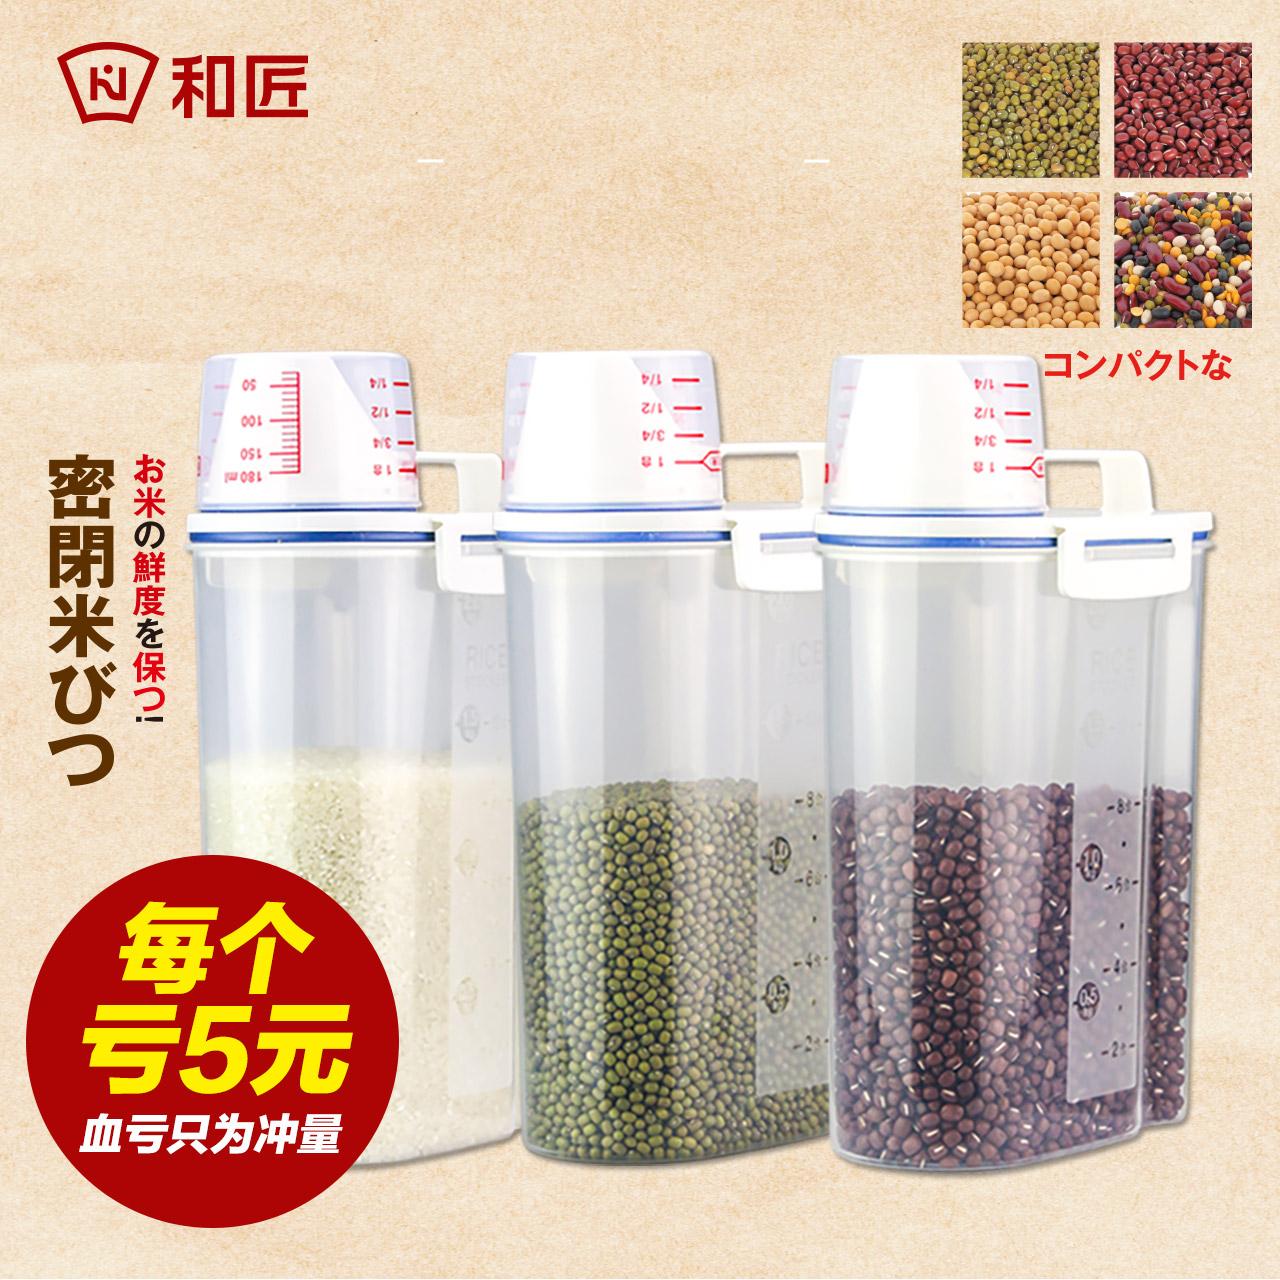 [和匠]日本进口正品量杯盖塑料防潮密封米桶米箱